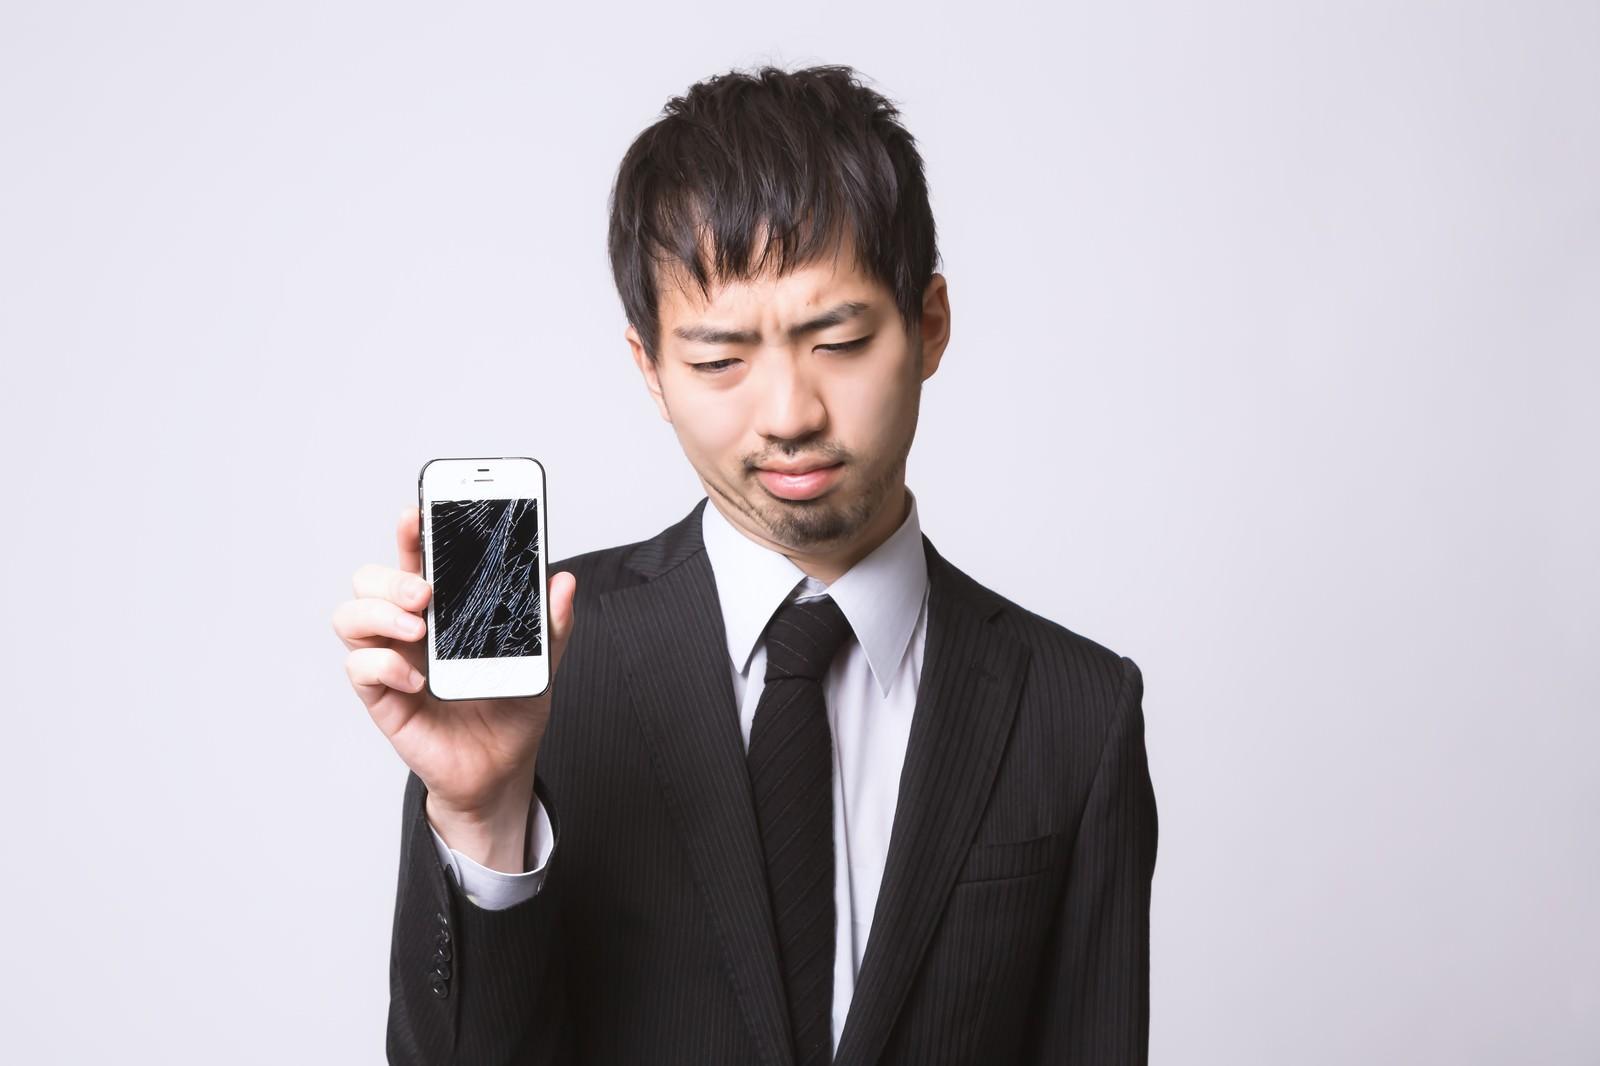 「スマートフォンを落としてガックリしている男性スマートフォンを落としてガックリしている男性」のフリー写真素材を拡大